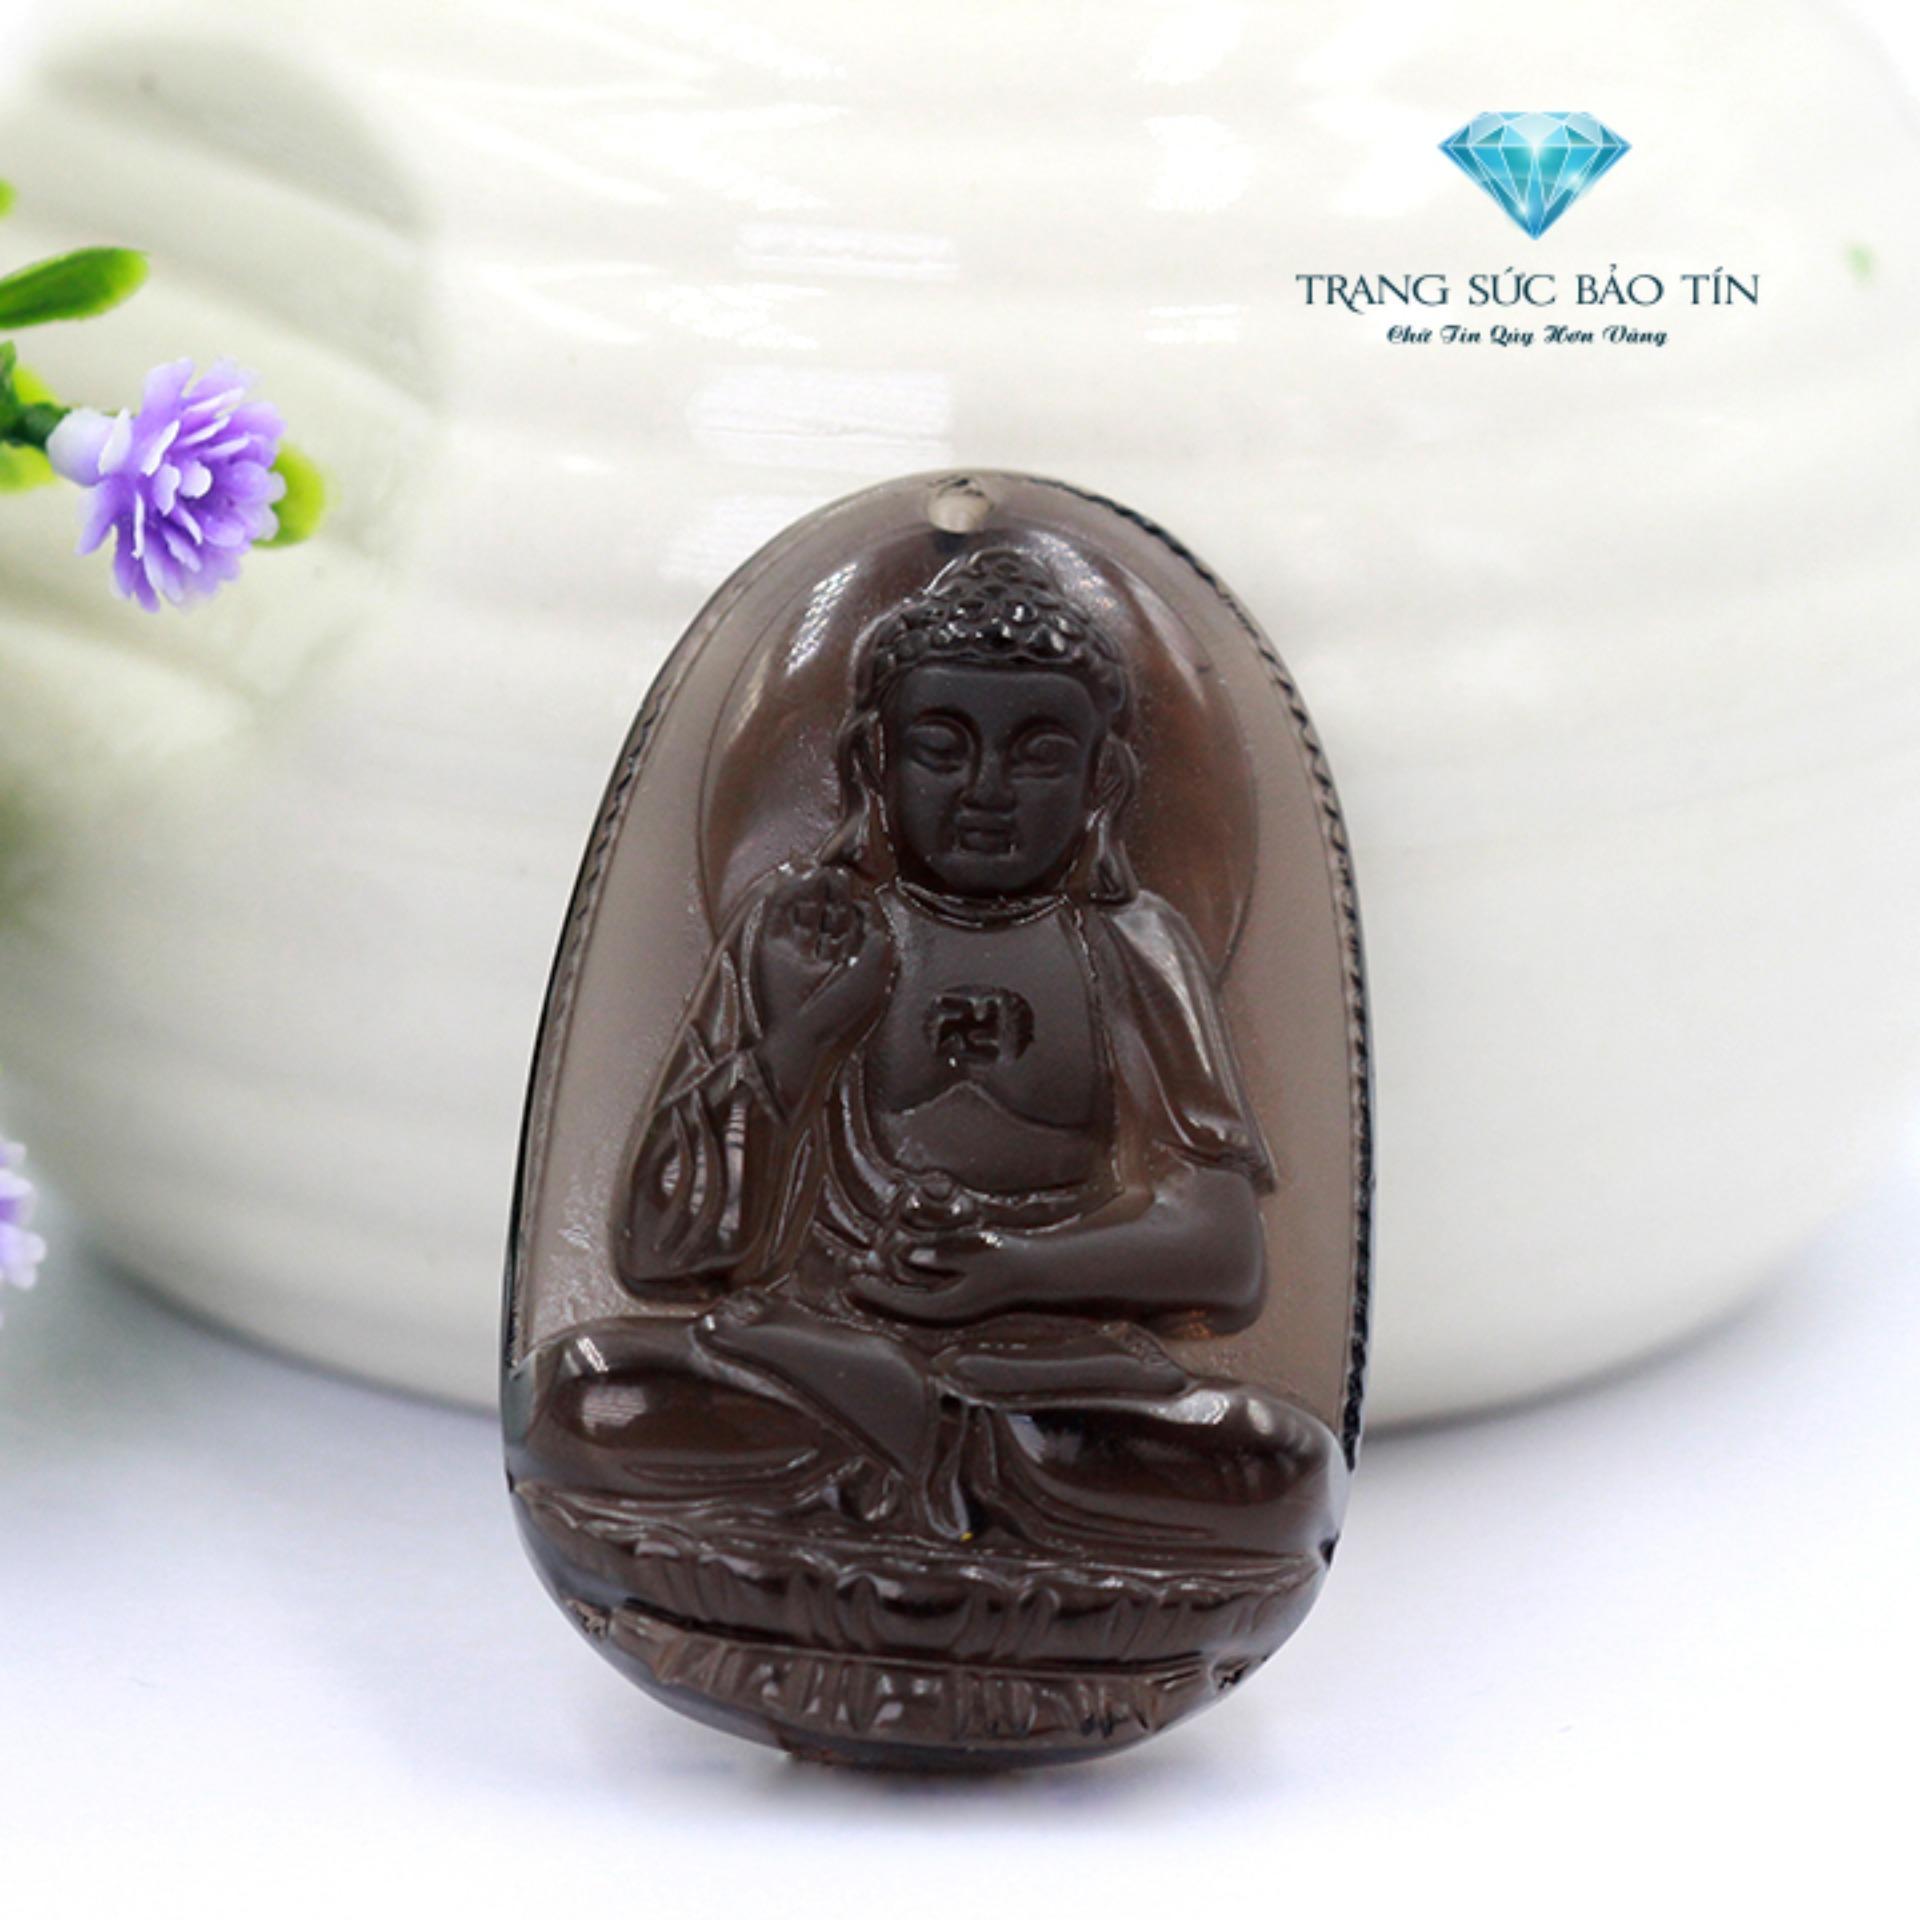 Bán Mặt Day Chuyền Phật Bản Phật A Di Đa Thạch Anh Khoi Phong Thủy Bảo Tin Nhập Khẩu